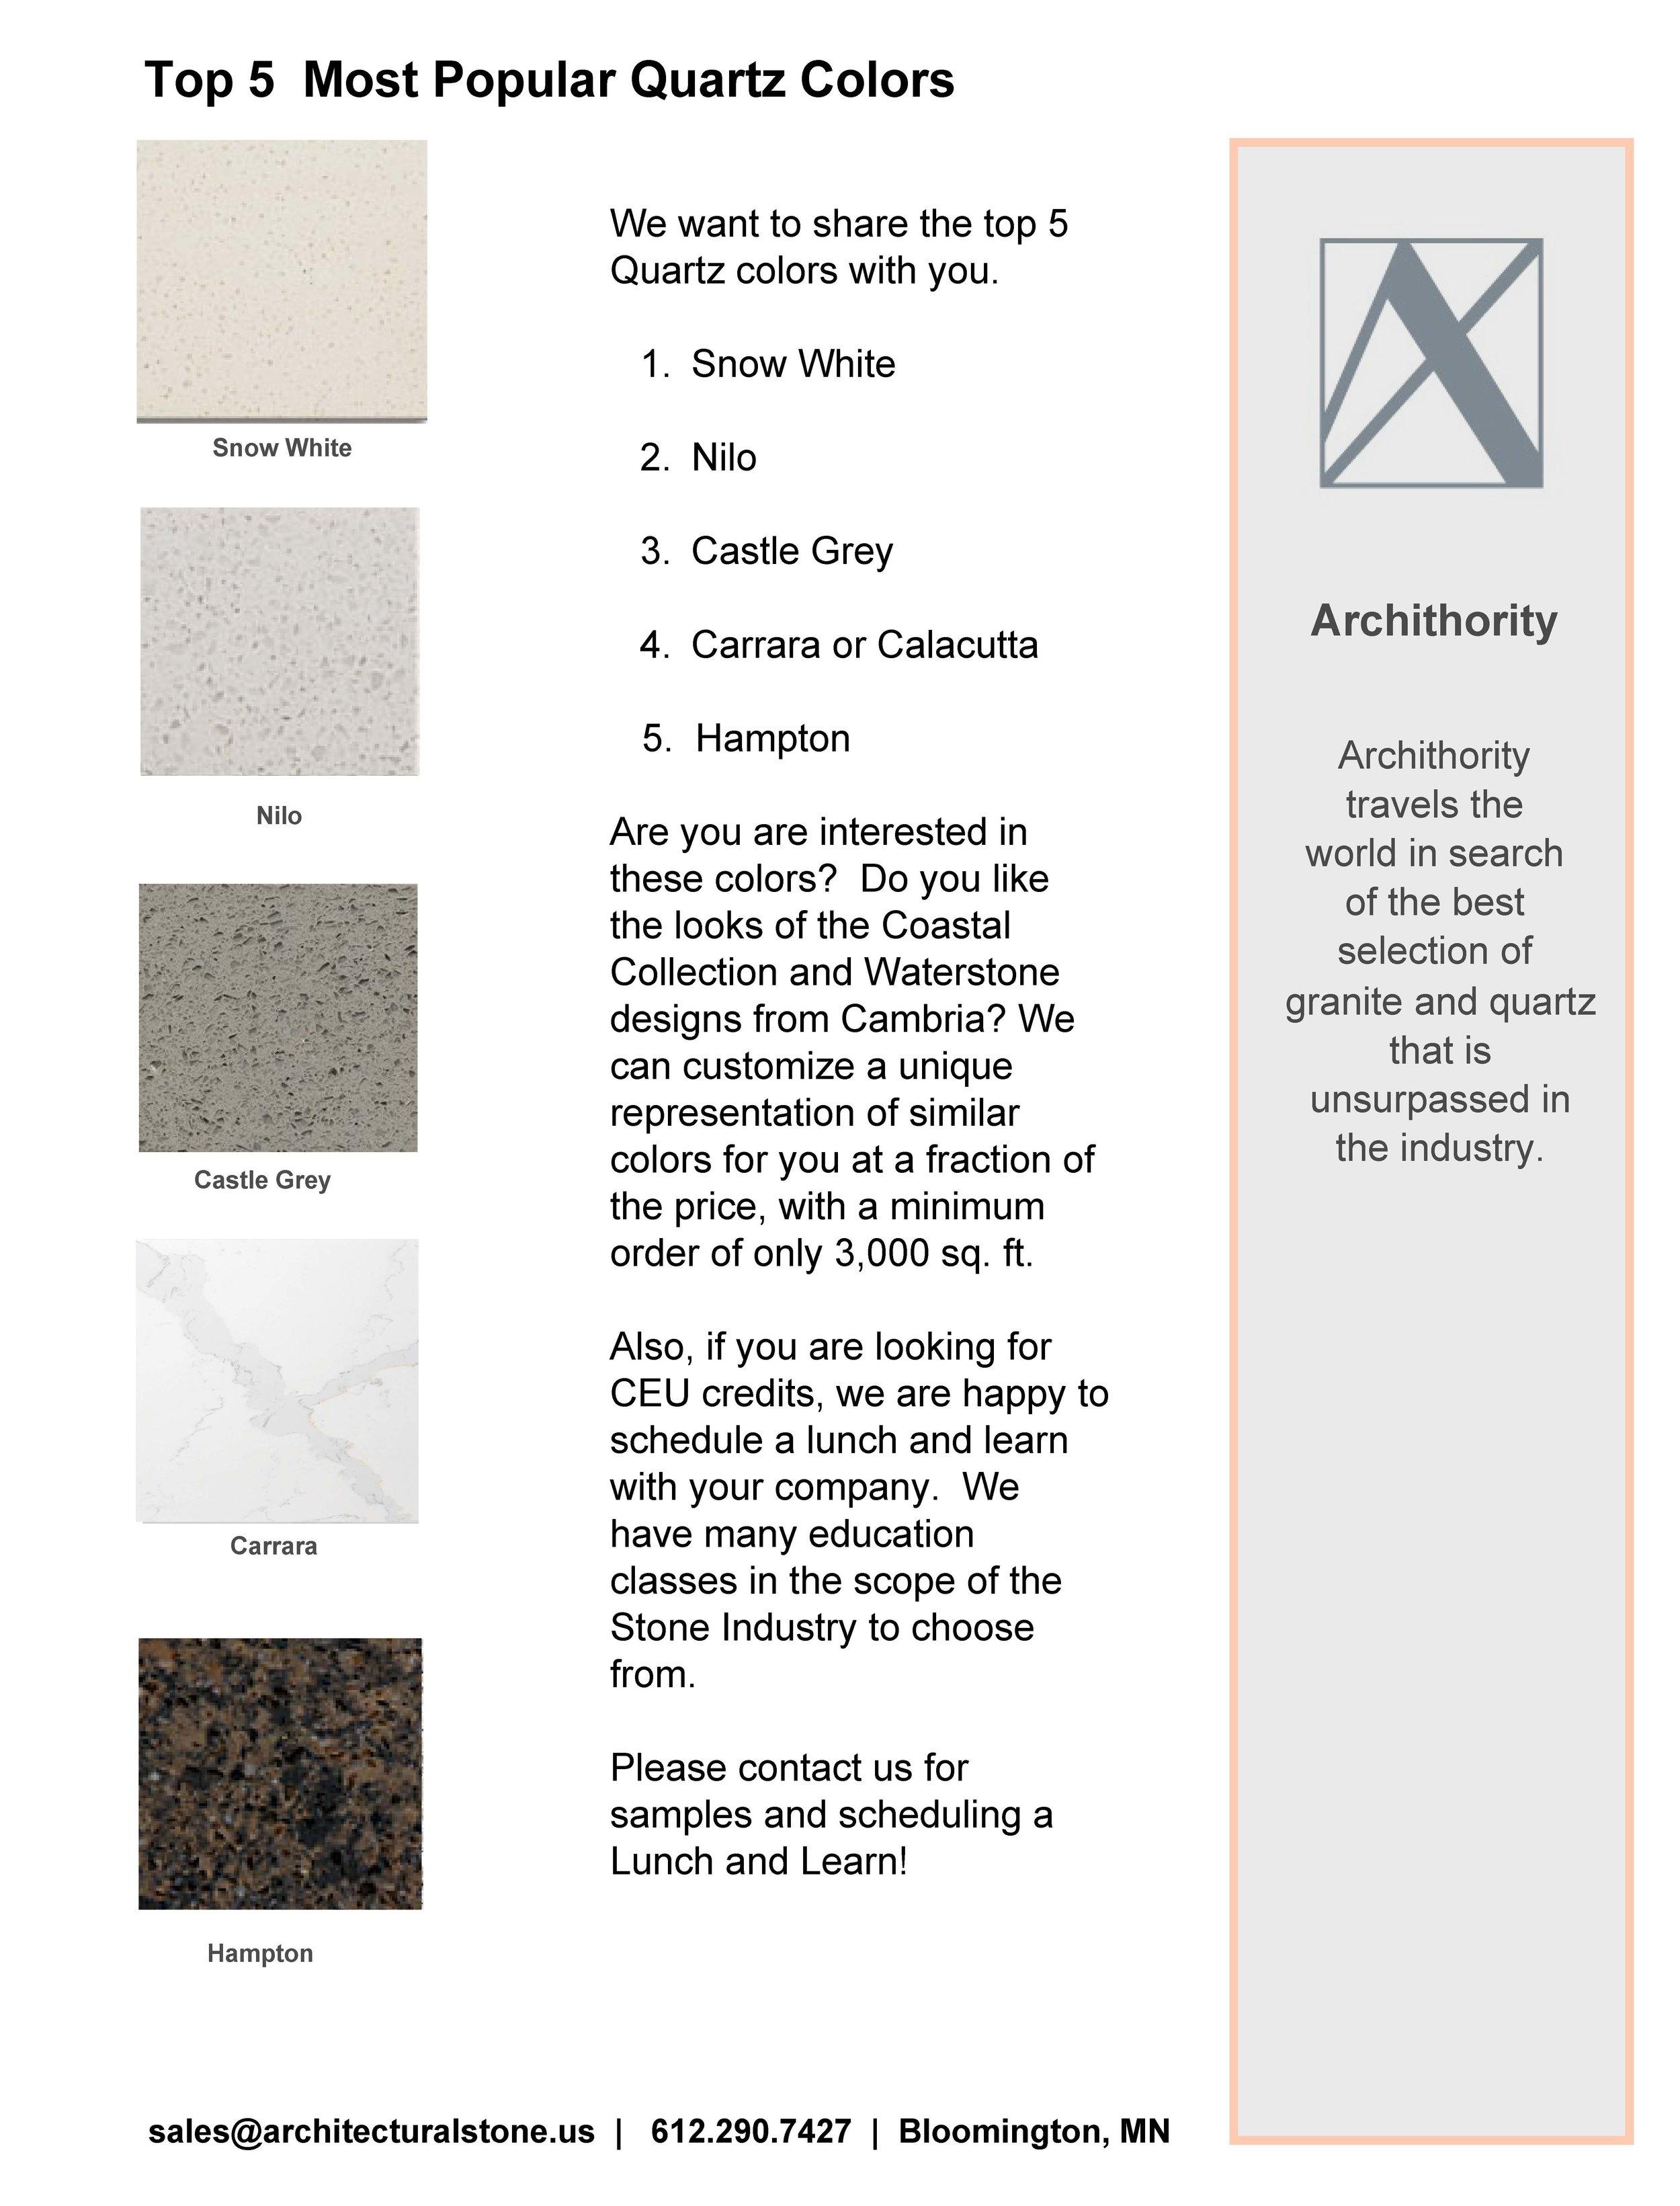 top 5 quartz colors.jpg